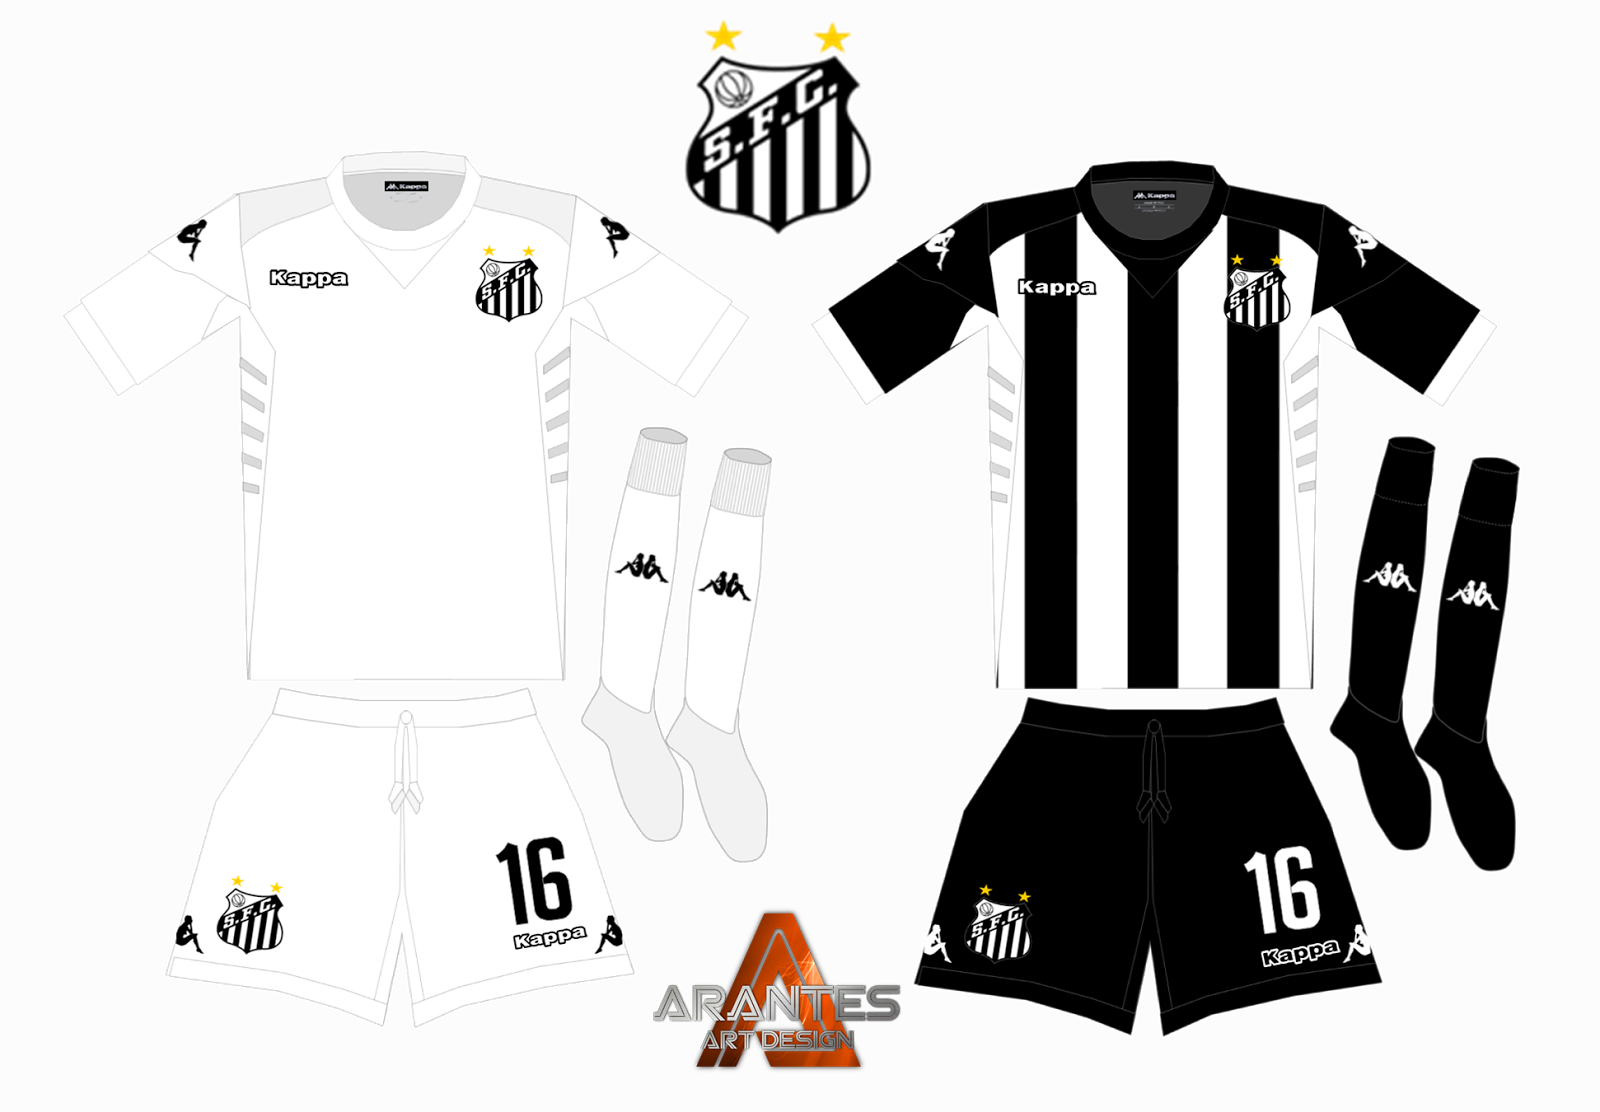 O uniforme branco tem apenas os logos da marca e números em preto e0d4362524654